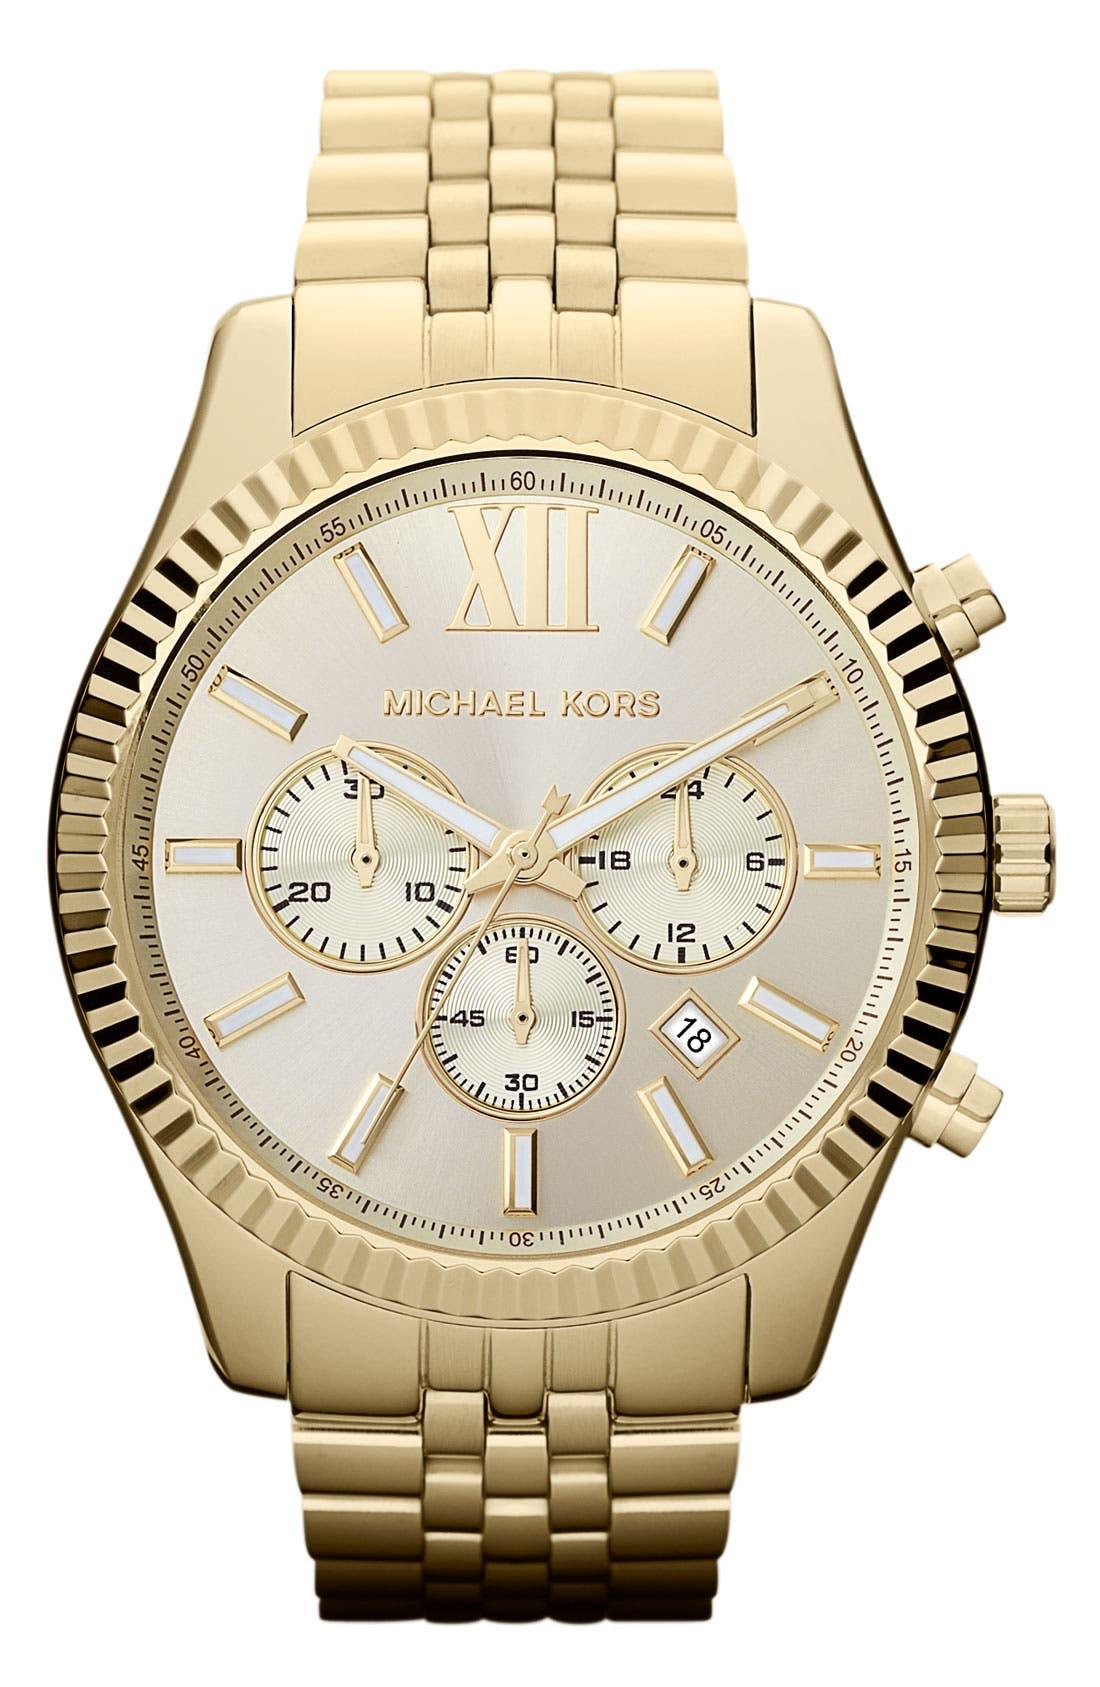 MICHAEL KORS, 'Large Lexington' Chronograph Bracelet Watch, 45mm, Main thumbnail 1, color, 710